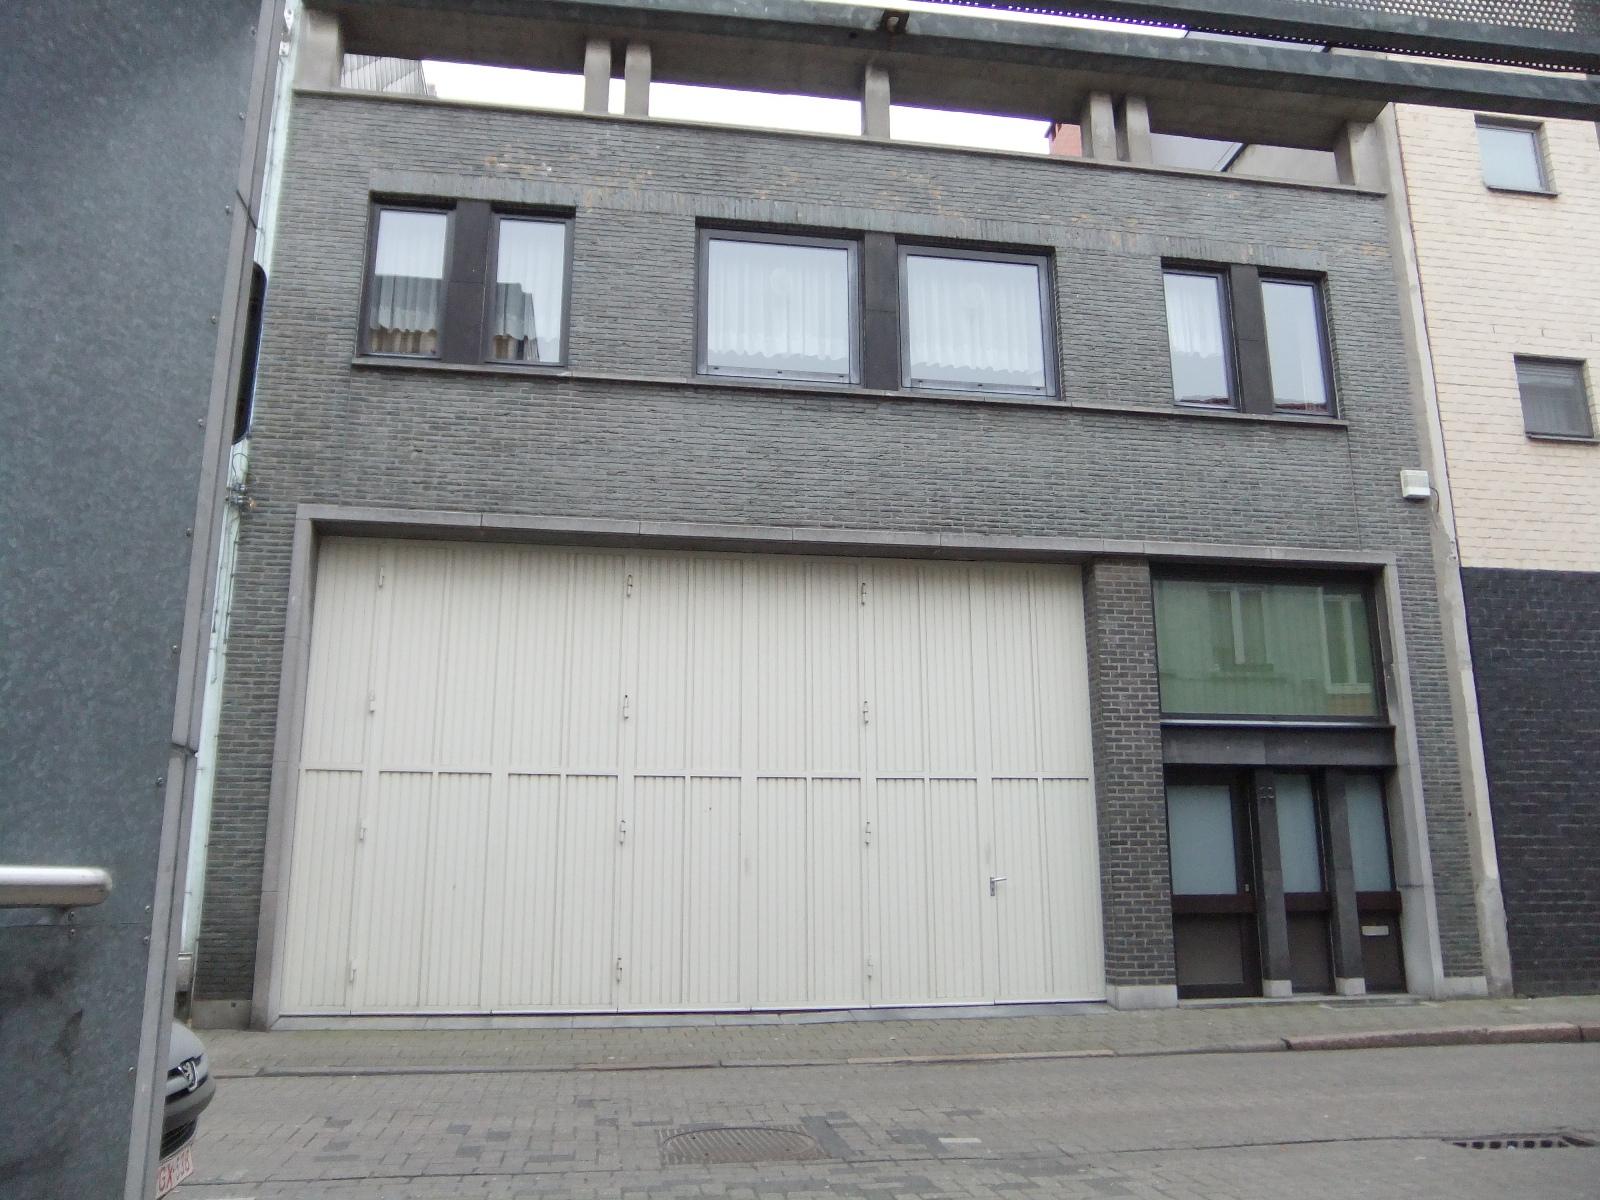 Spiksplinternieuw ATELIER | Gebroeders Decap Antwerpen VI-58